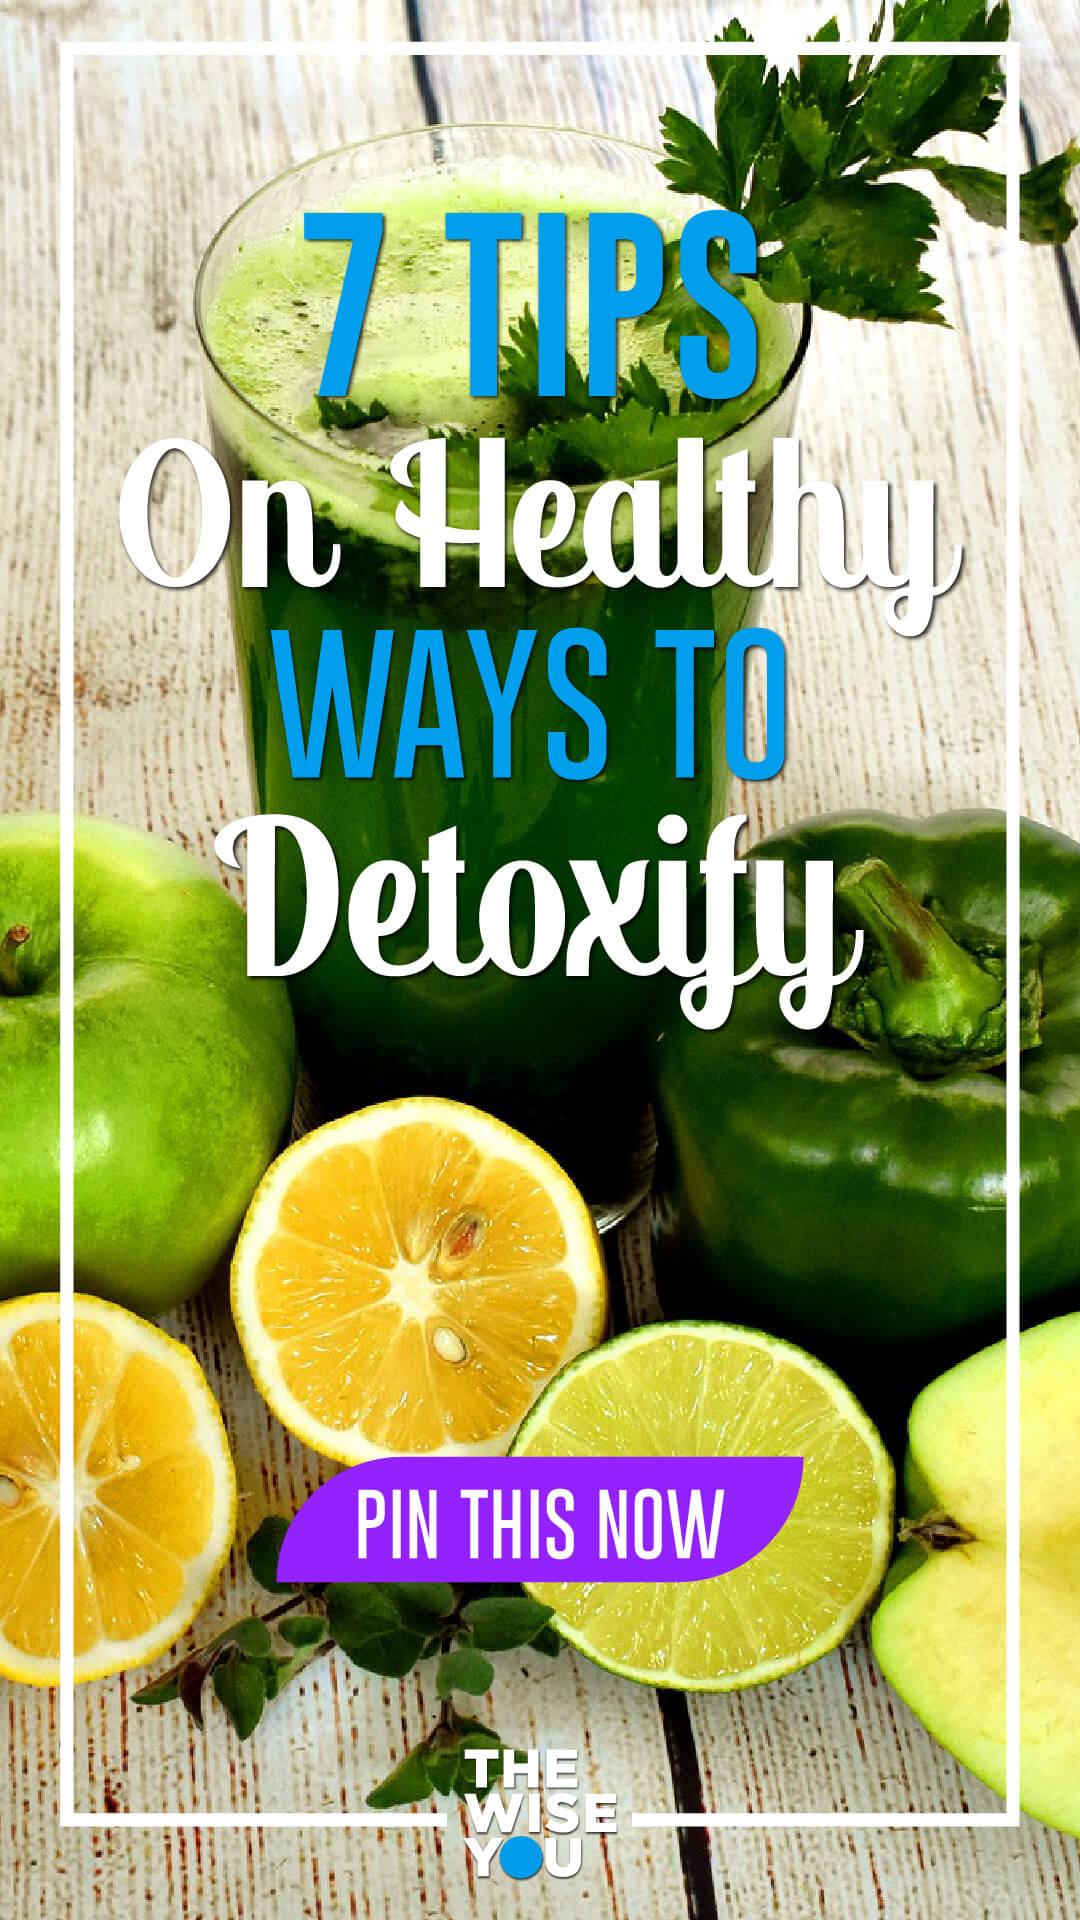 7 Tips On Healthy Ways To Detoxify